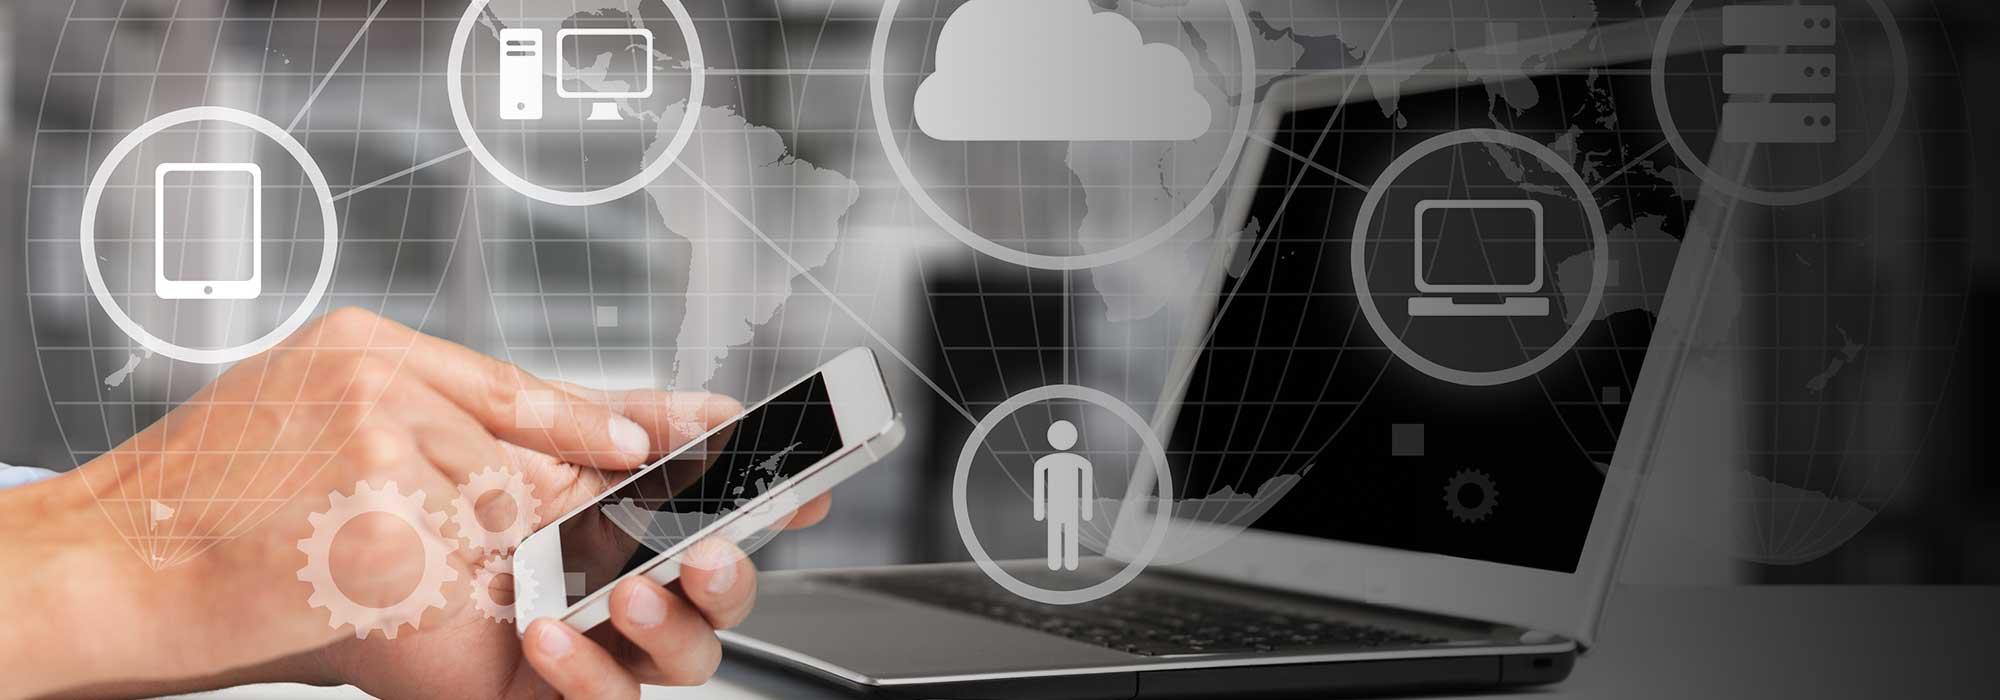 Hender som taster på en telefon ved siden av en laptop og illustrasjoner lagt over bilde